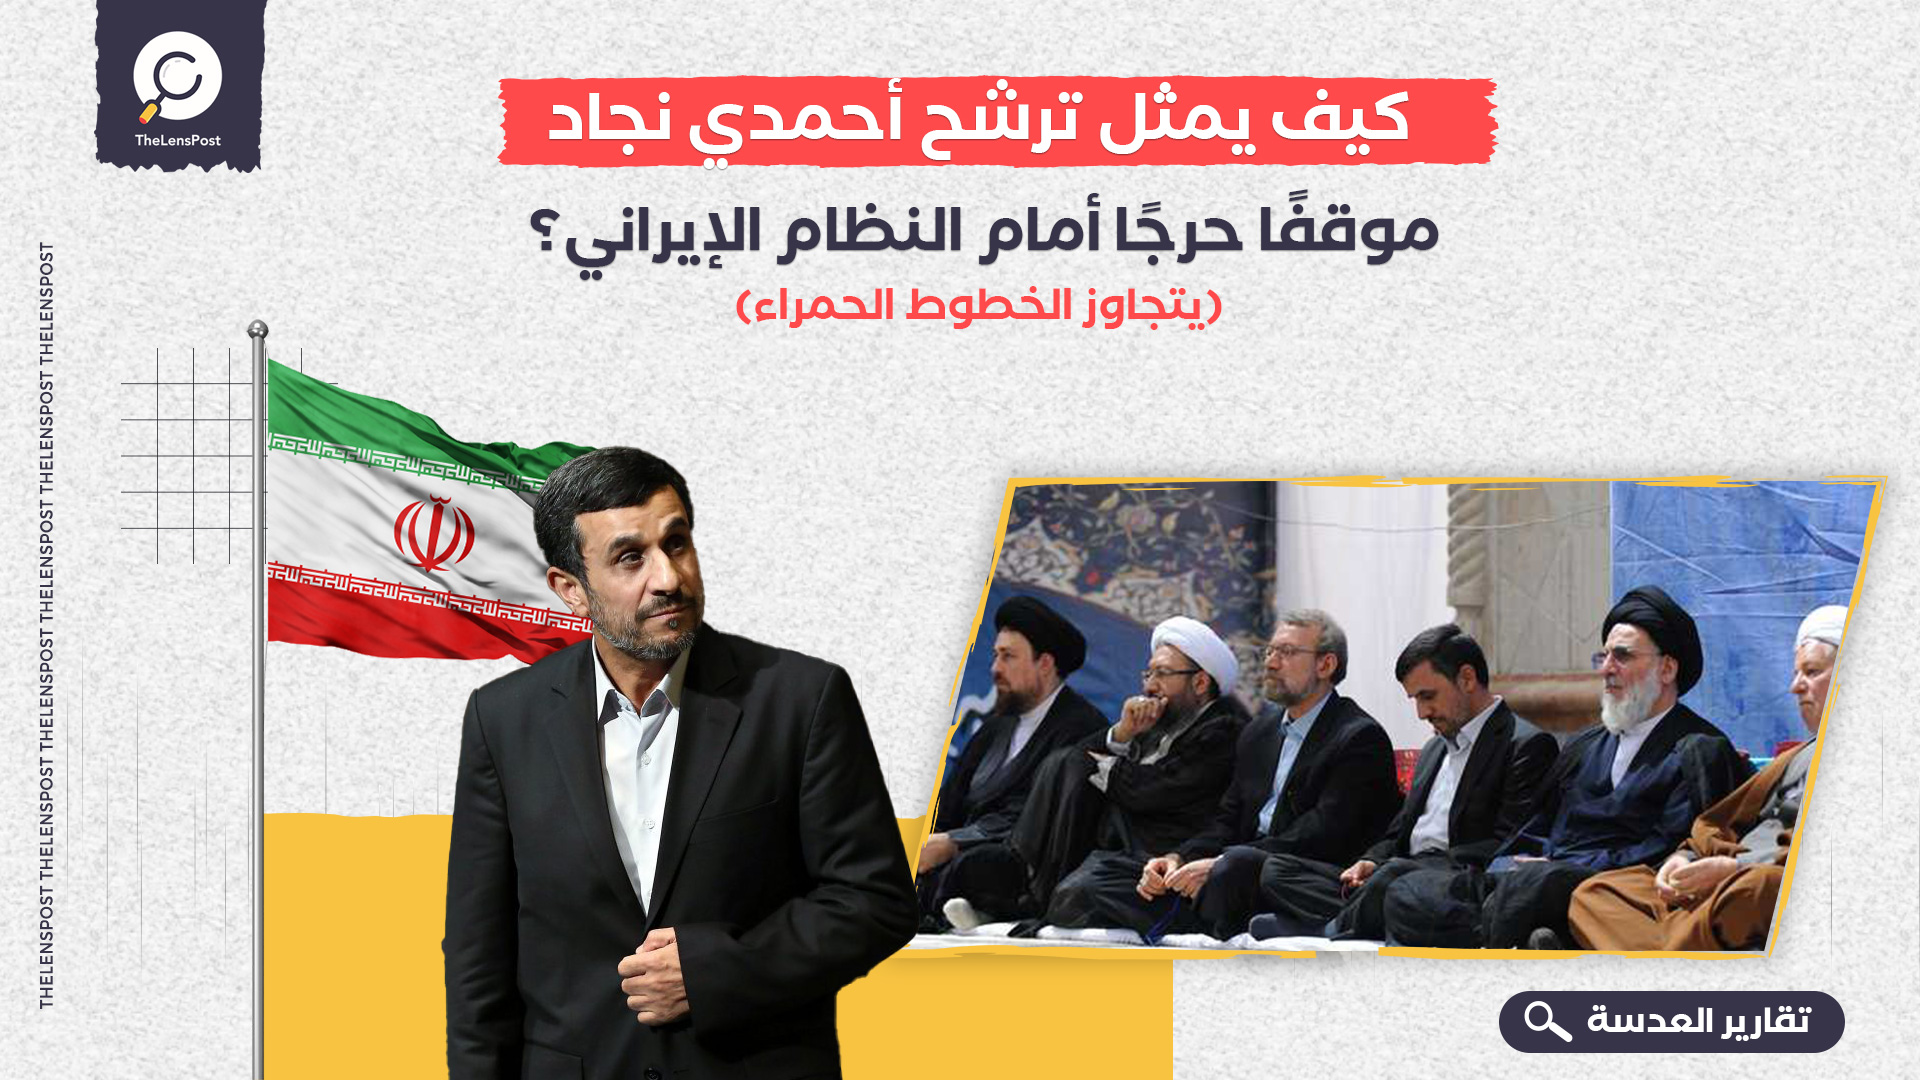 كيف يمثل ترشح أحمدي نجاد موقفًا حرجًا أمام النظام الإيراني؟